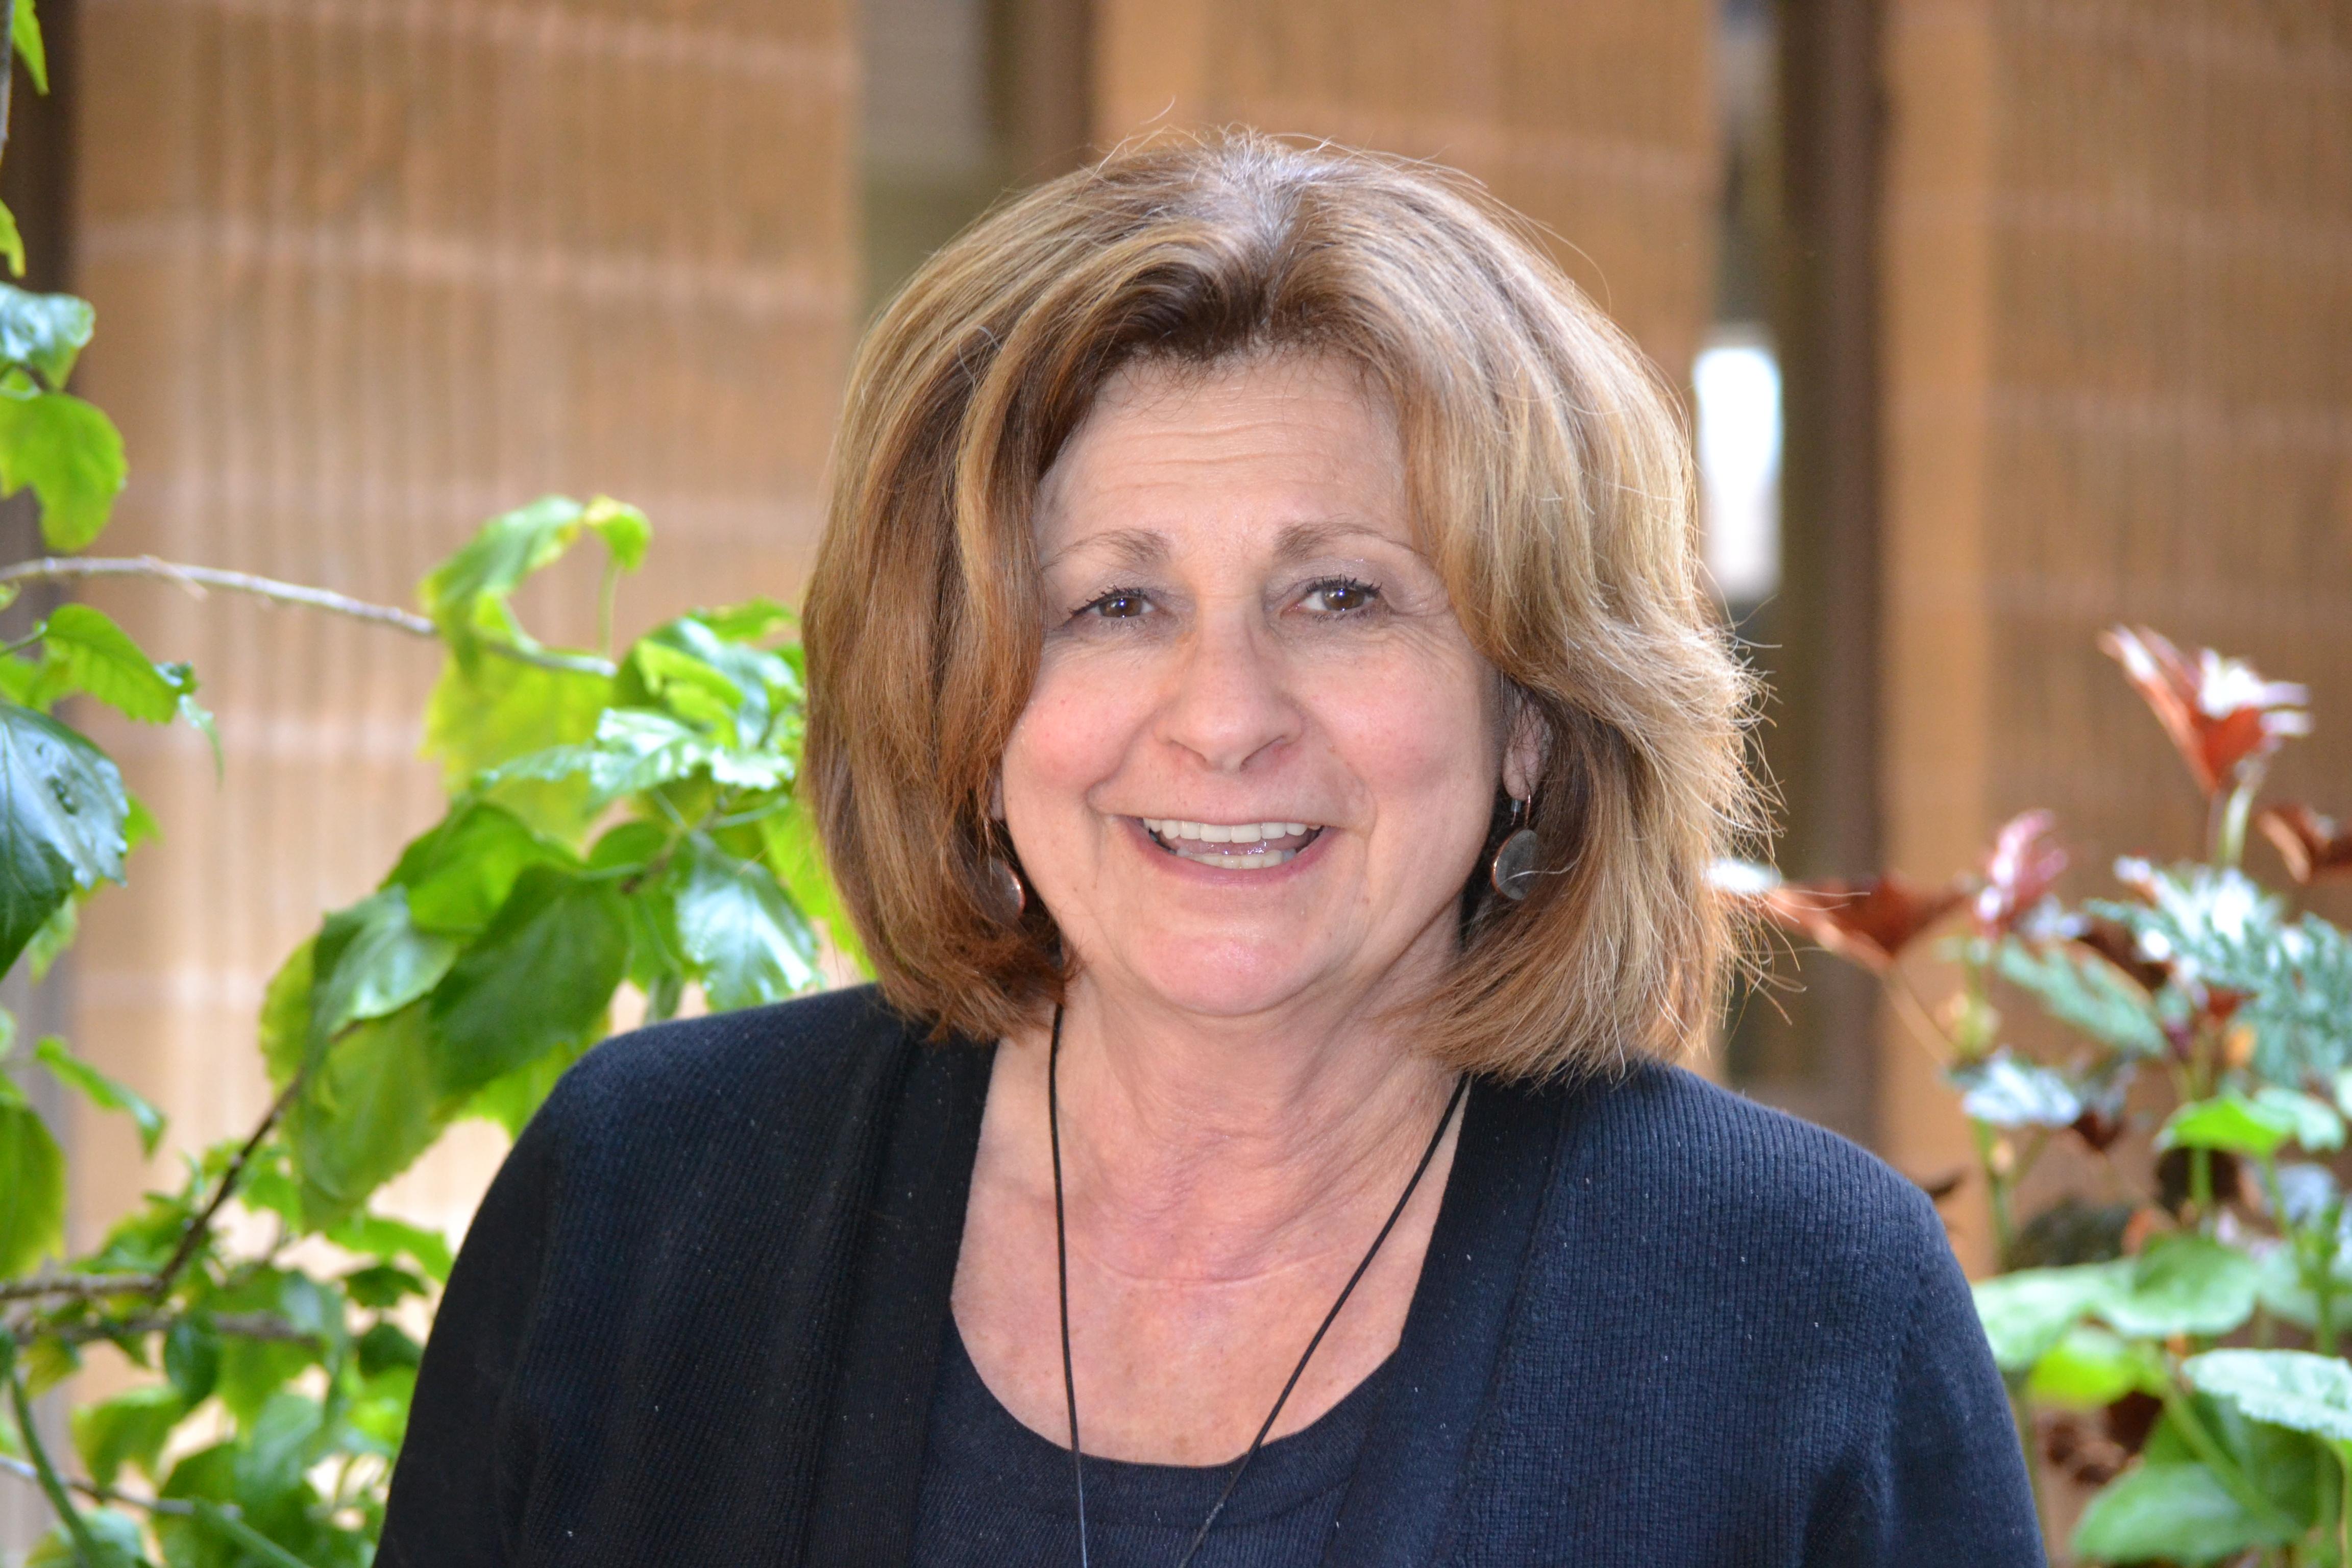 Rachel Ambroziak